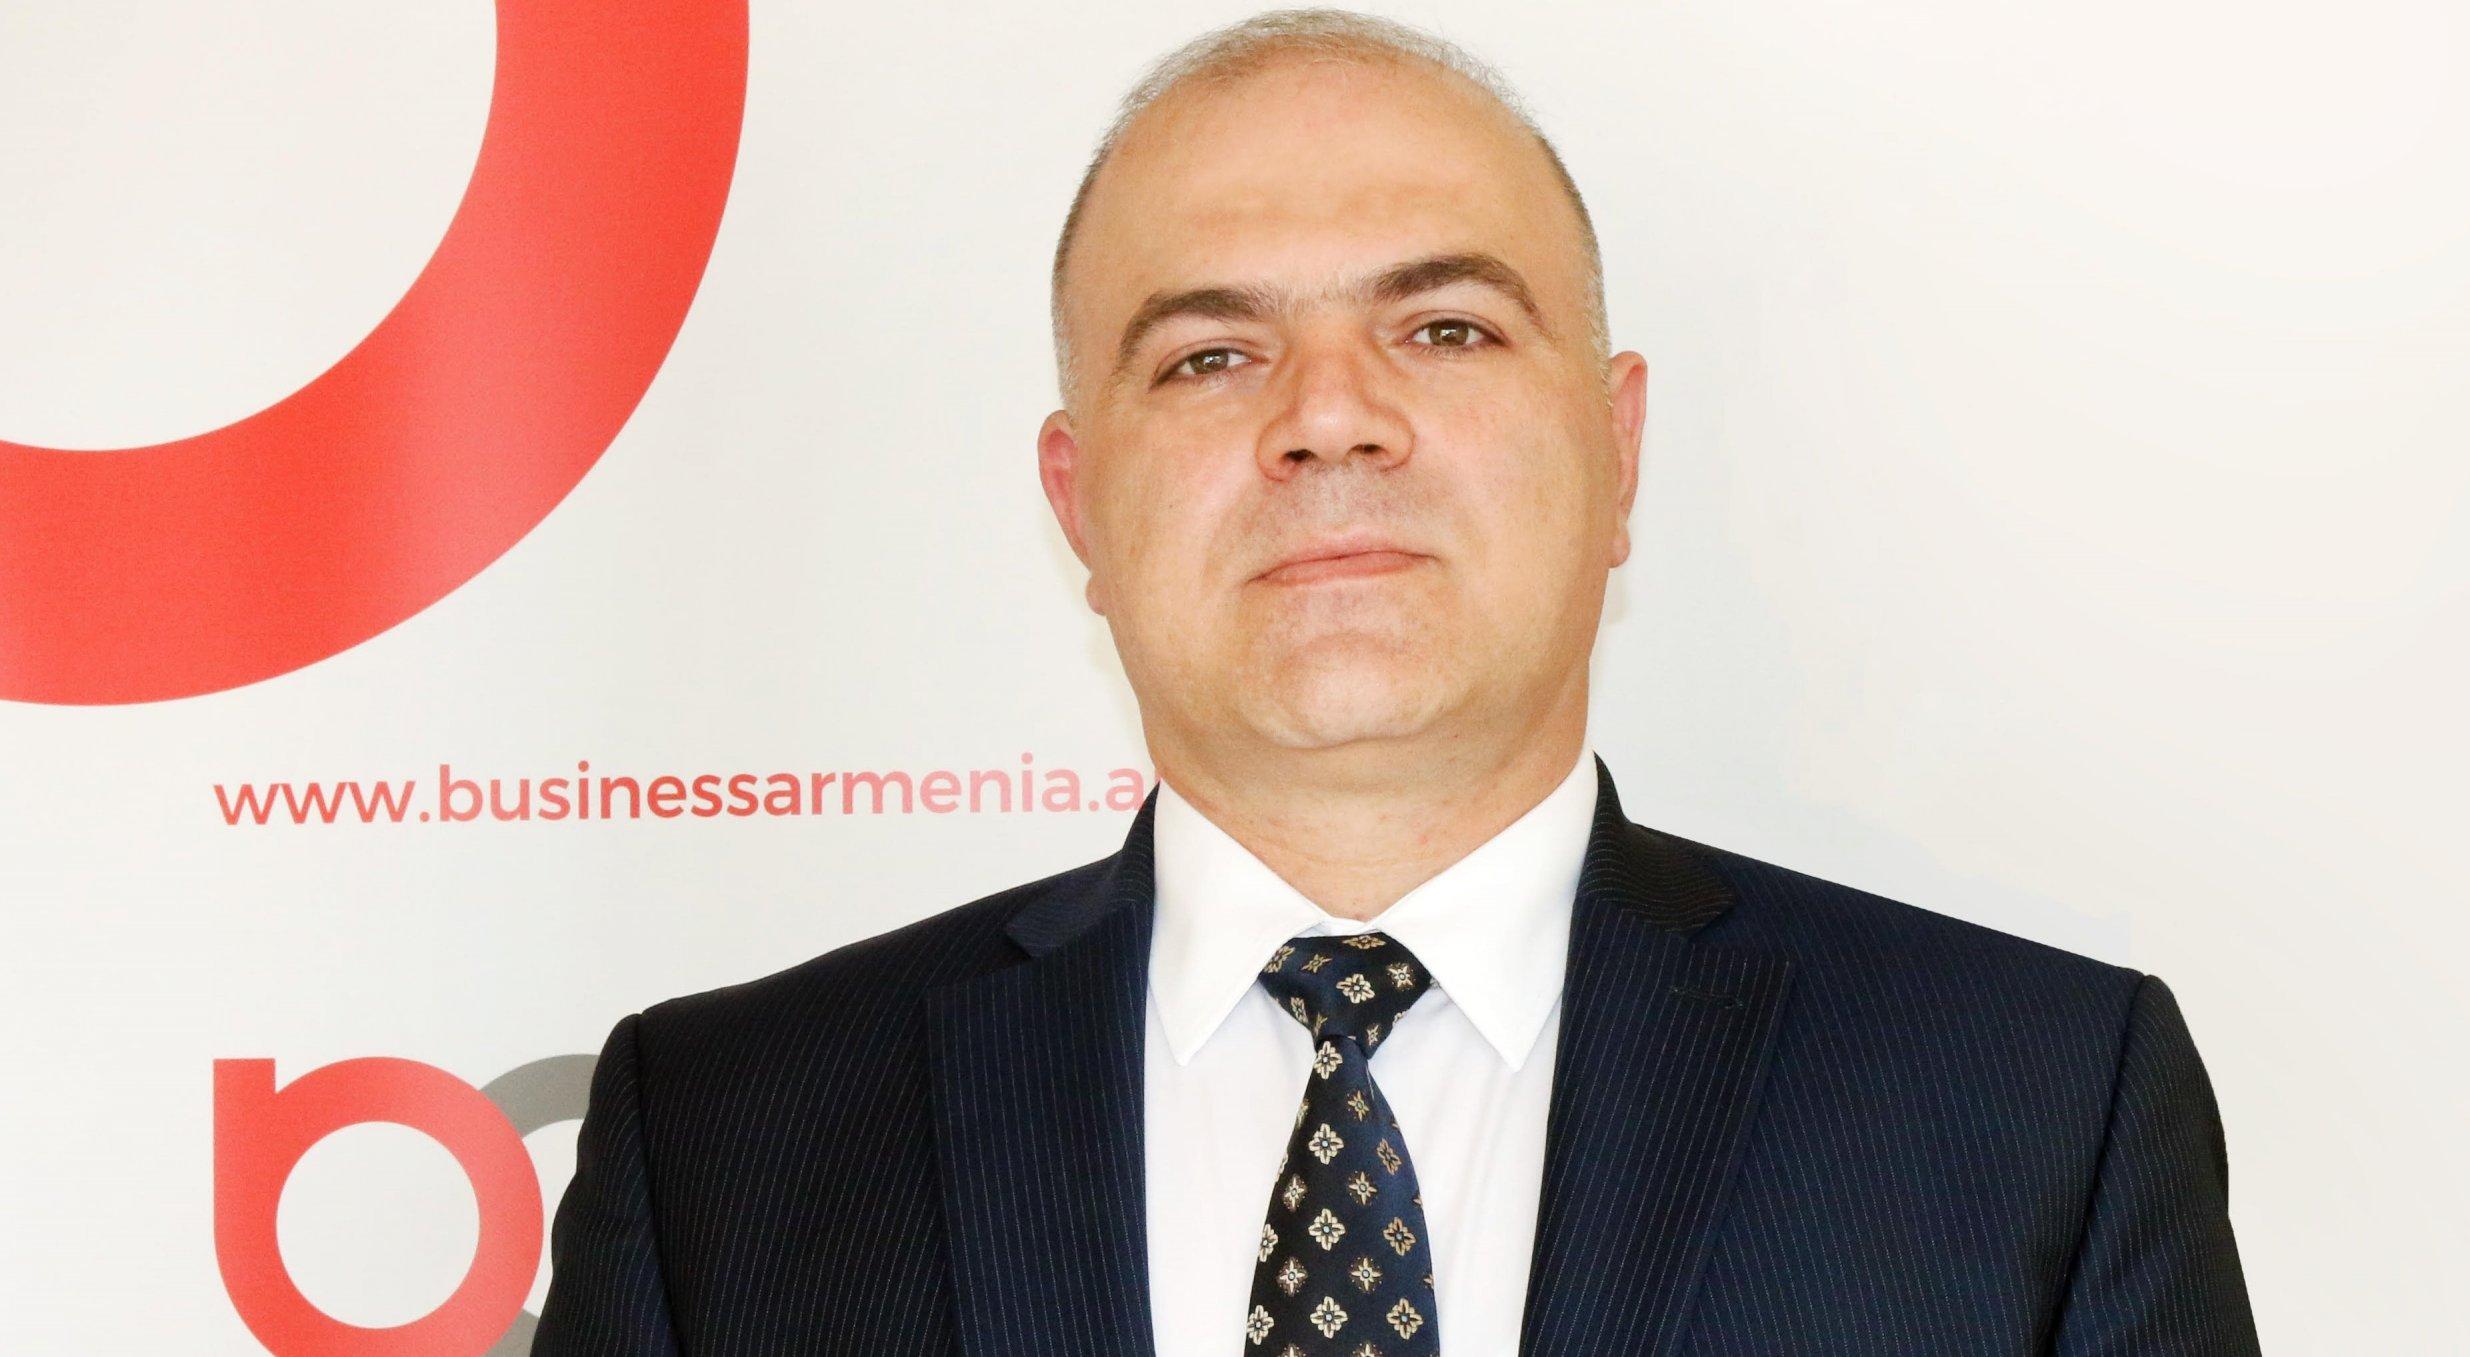 Բիզնես Արմենիան շարունակում է աշխատանքը՝ գործառույթների ընդլայնմամբ